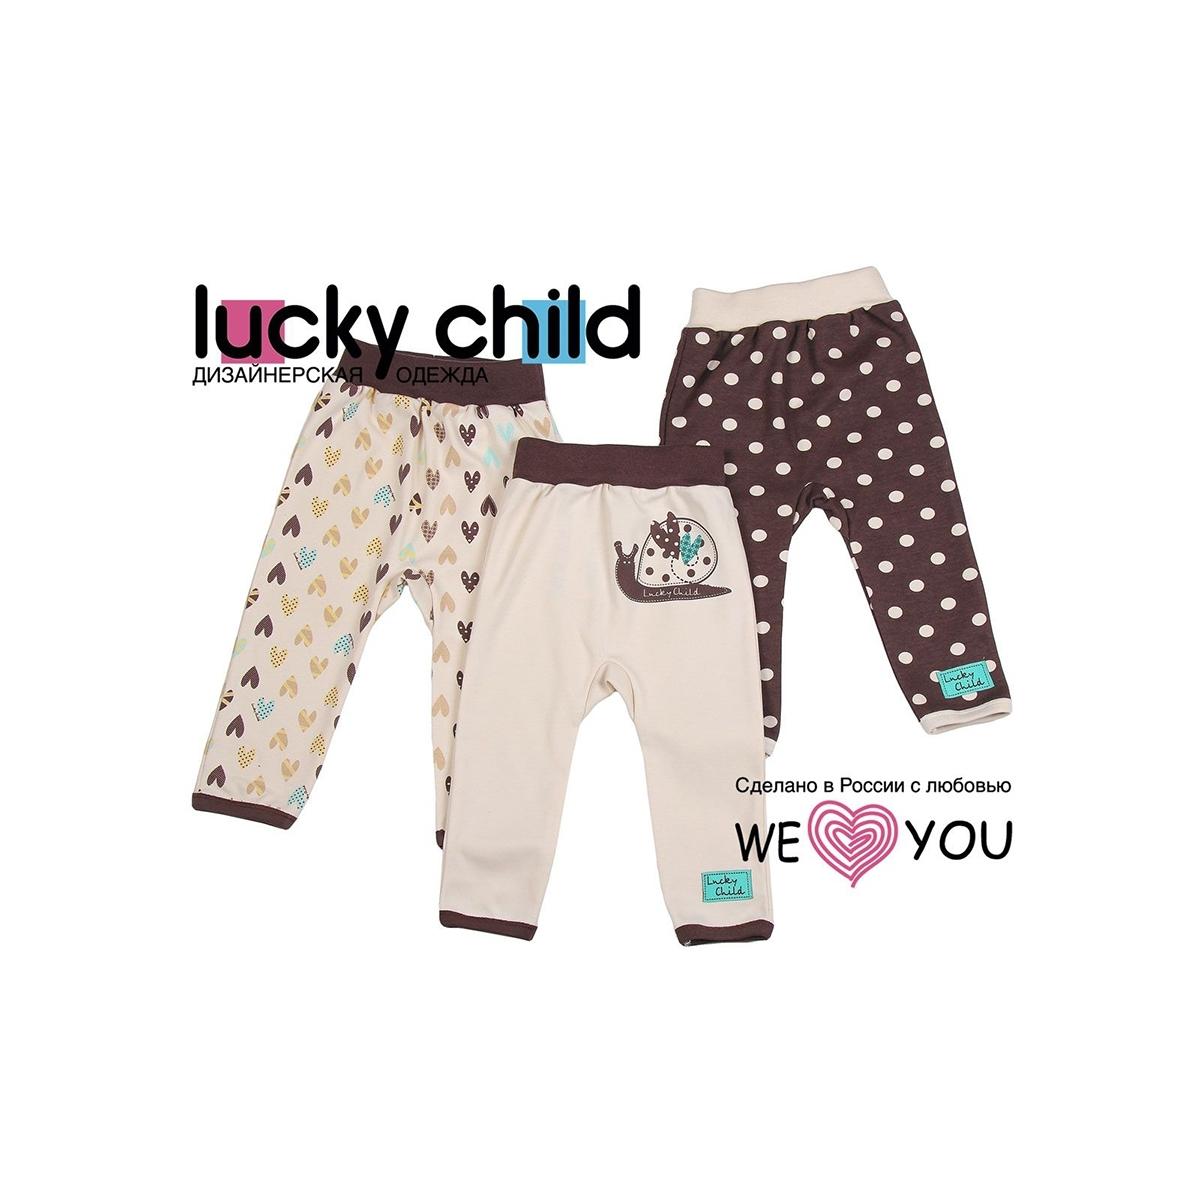 Комплект штанишки Lucky Child Улитки (3 шт) рост 68<br>